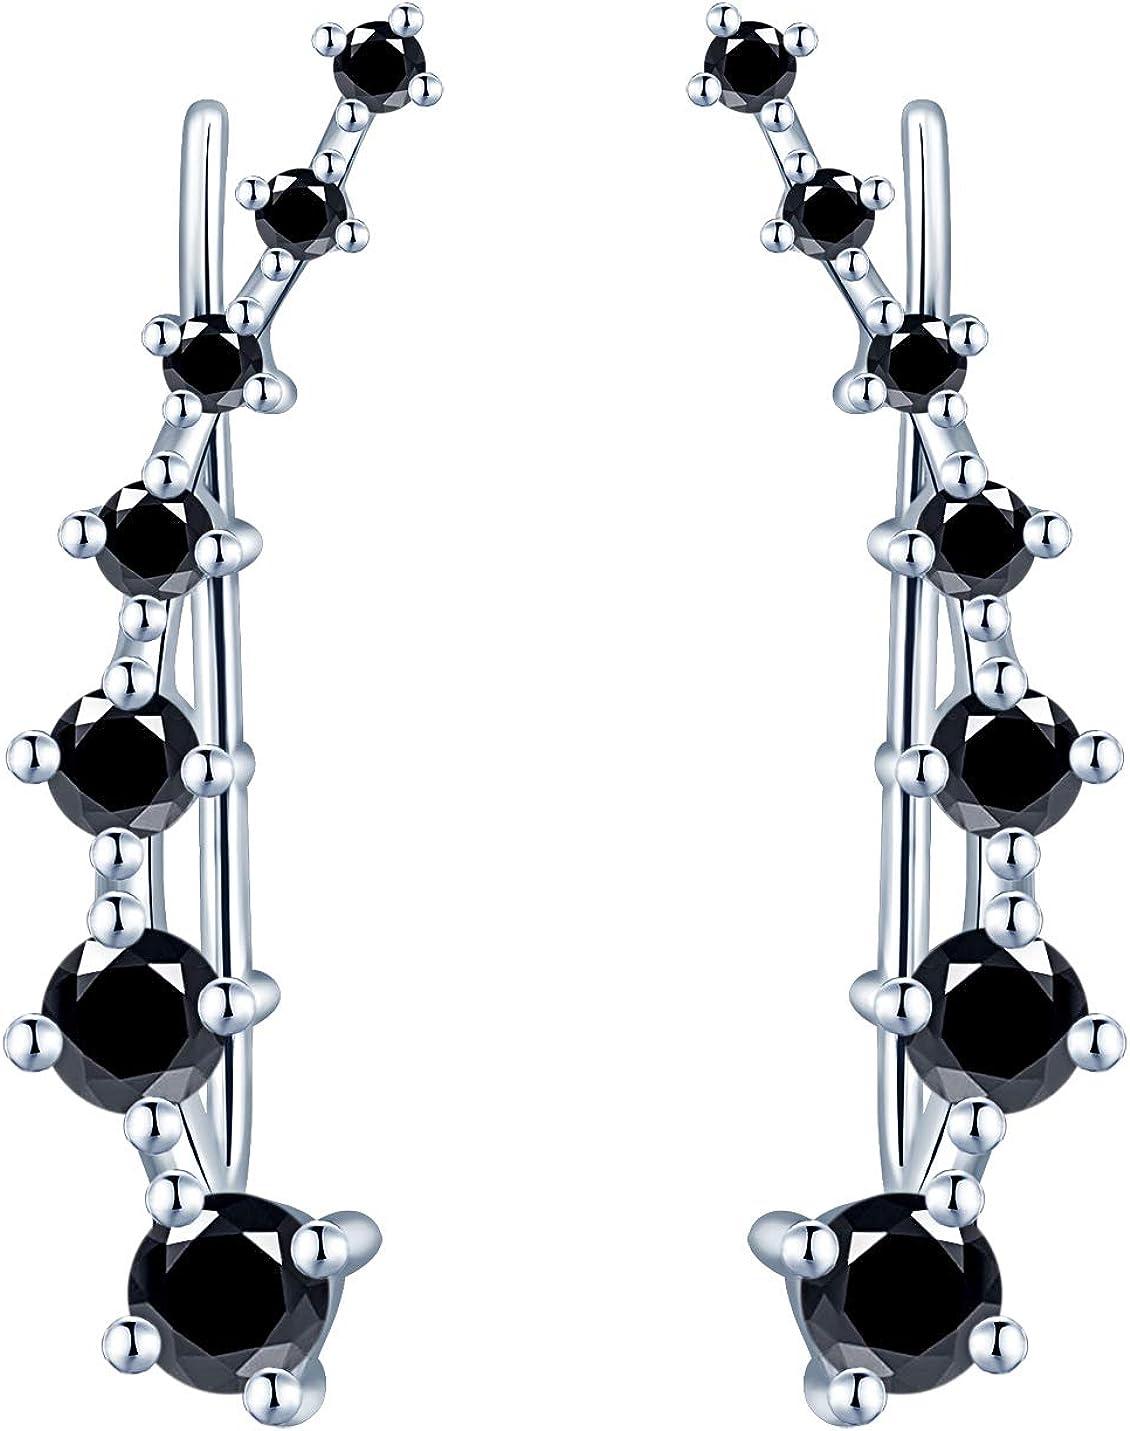 Yumilok -Pendientes Trepadores Mujer de Plata de 925 Esterlina, Pendientes de Clip de Cristal/Diamante de Imitación